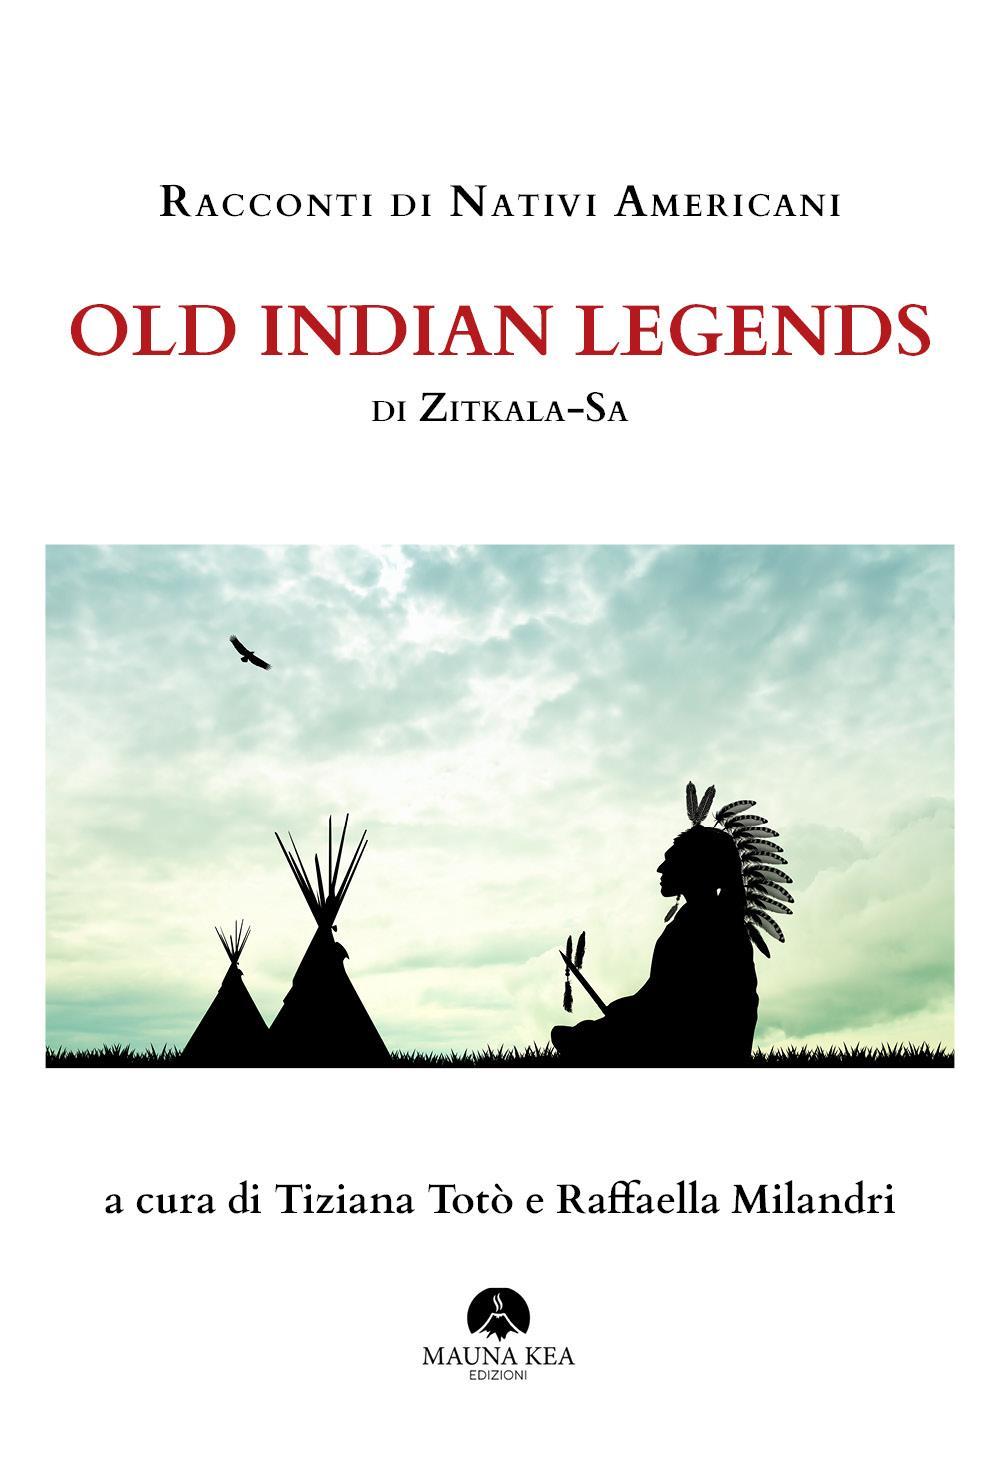 Racconti di Nativi Americani : Old Indian Legends a cura di Tiziana Totò e Raffaella Milandri